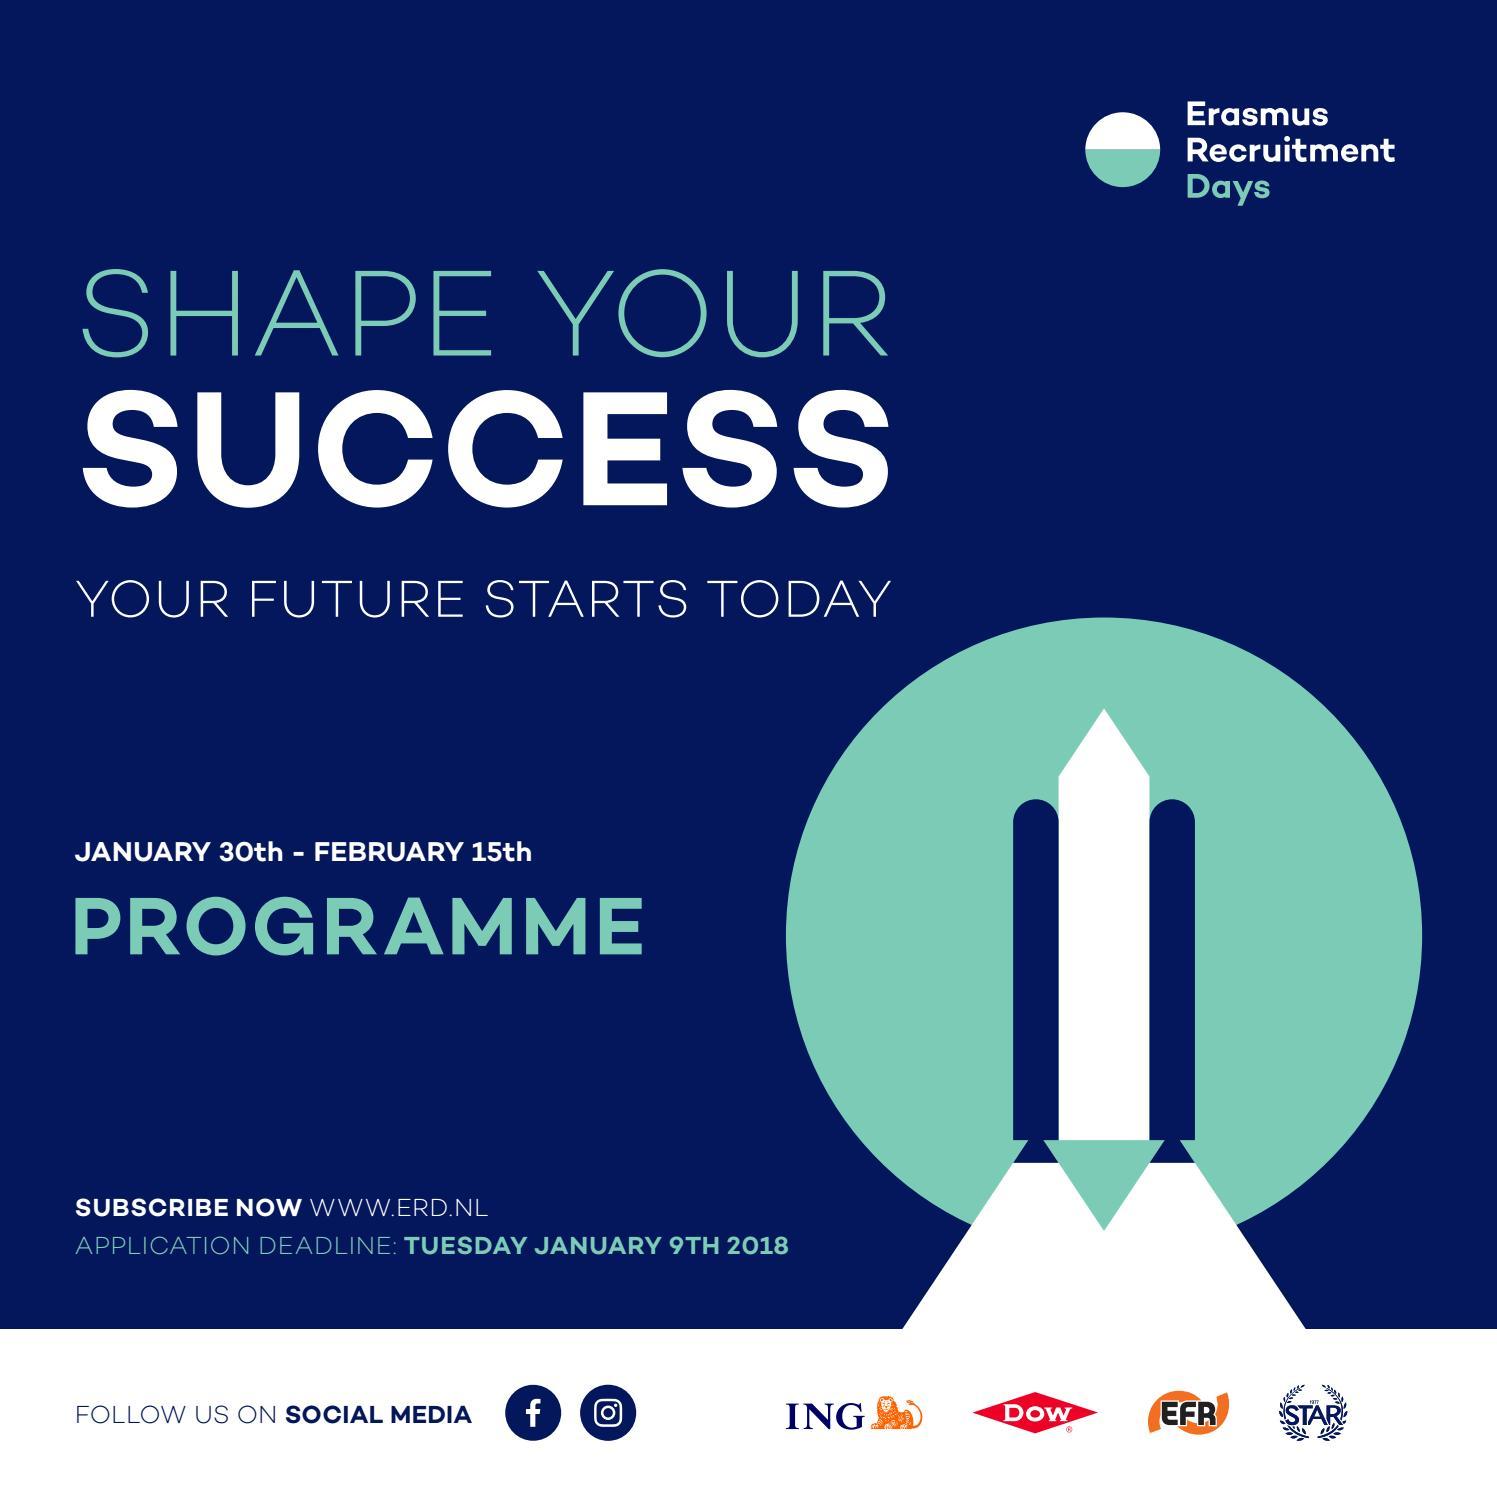 ERD 2018 Programme Booklet by Erasmus Recruitment Days - issuu